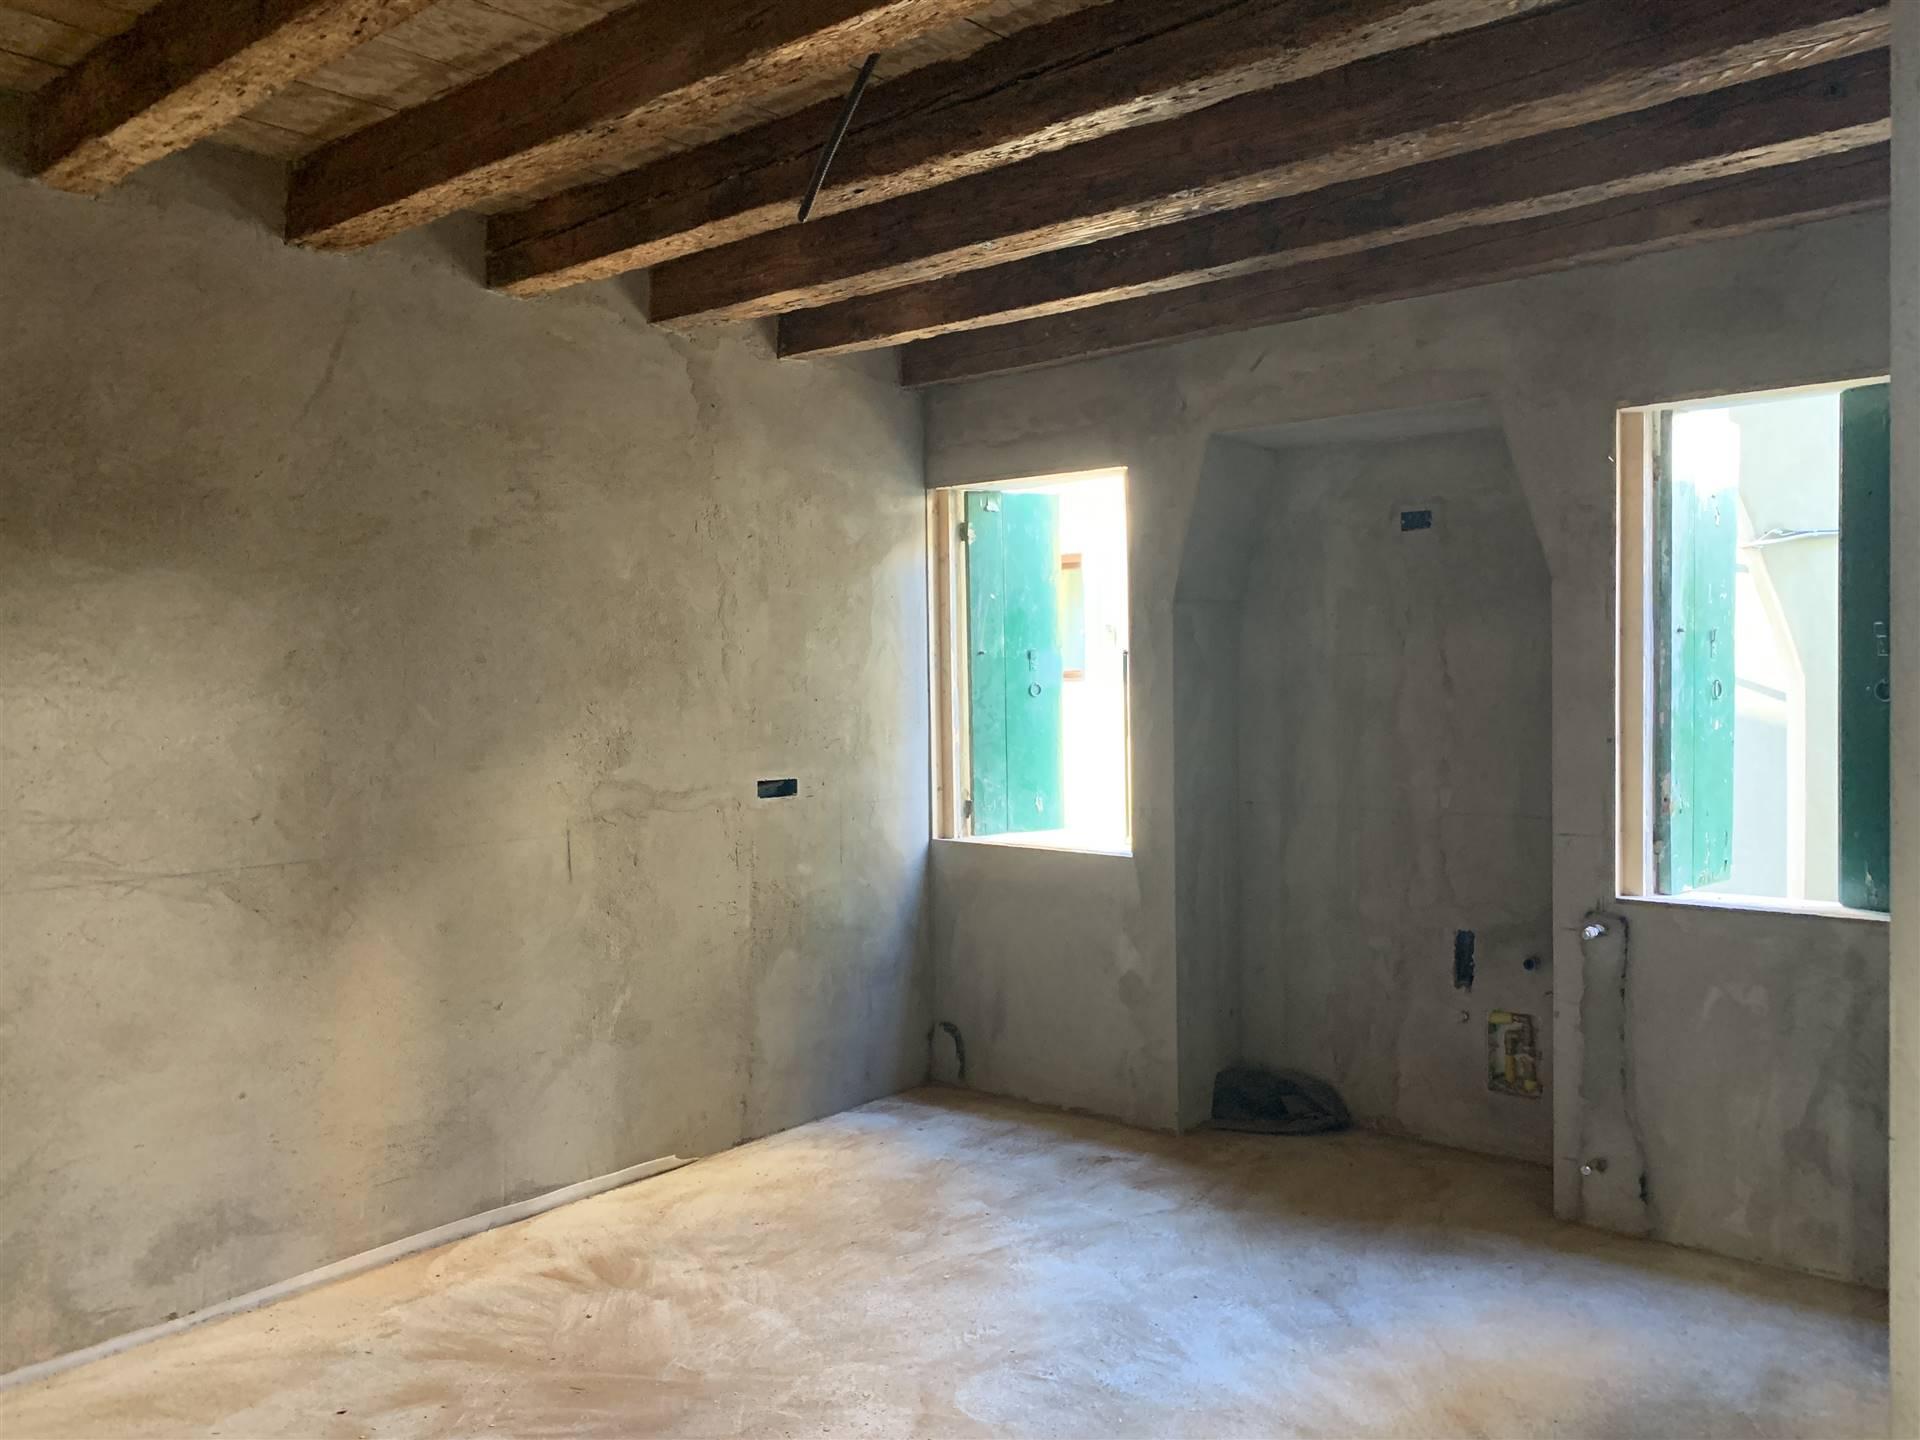 Rif. 2985 - Chioggia Bilocale di 35 mq al primo piano di una palazzina di tre unità a pochi passi dal centro storico di Chioggia con cantina di